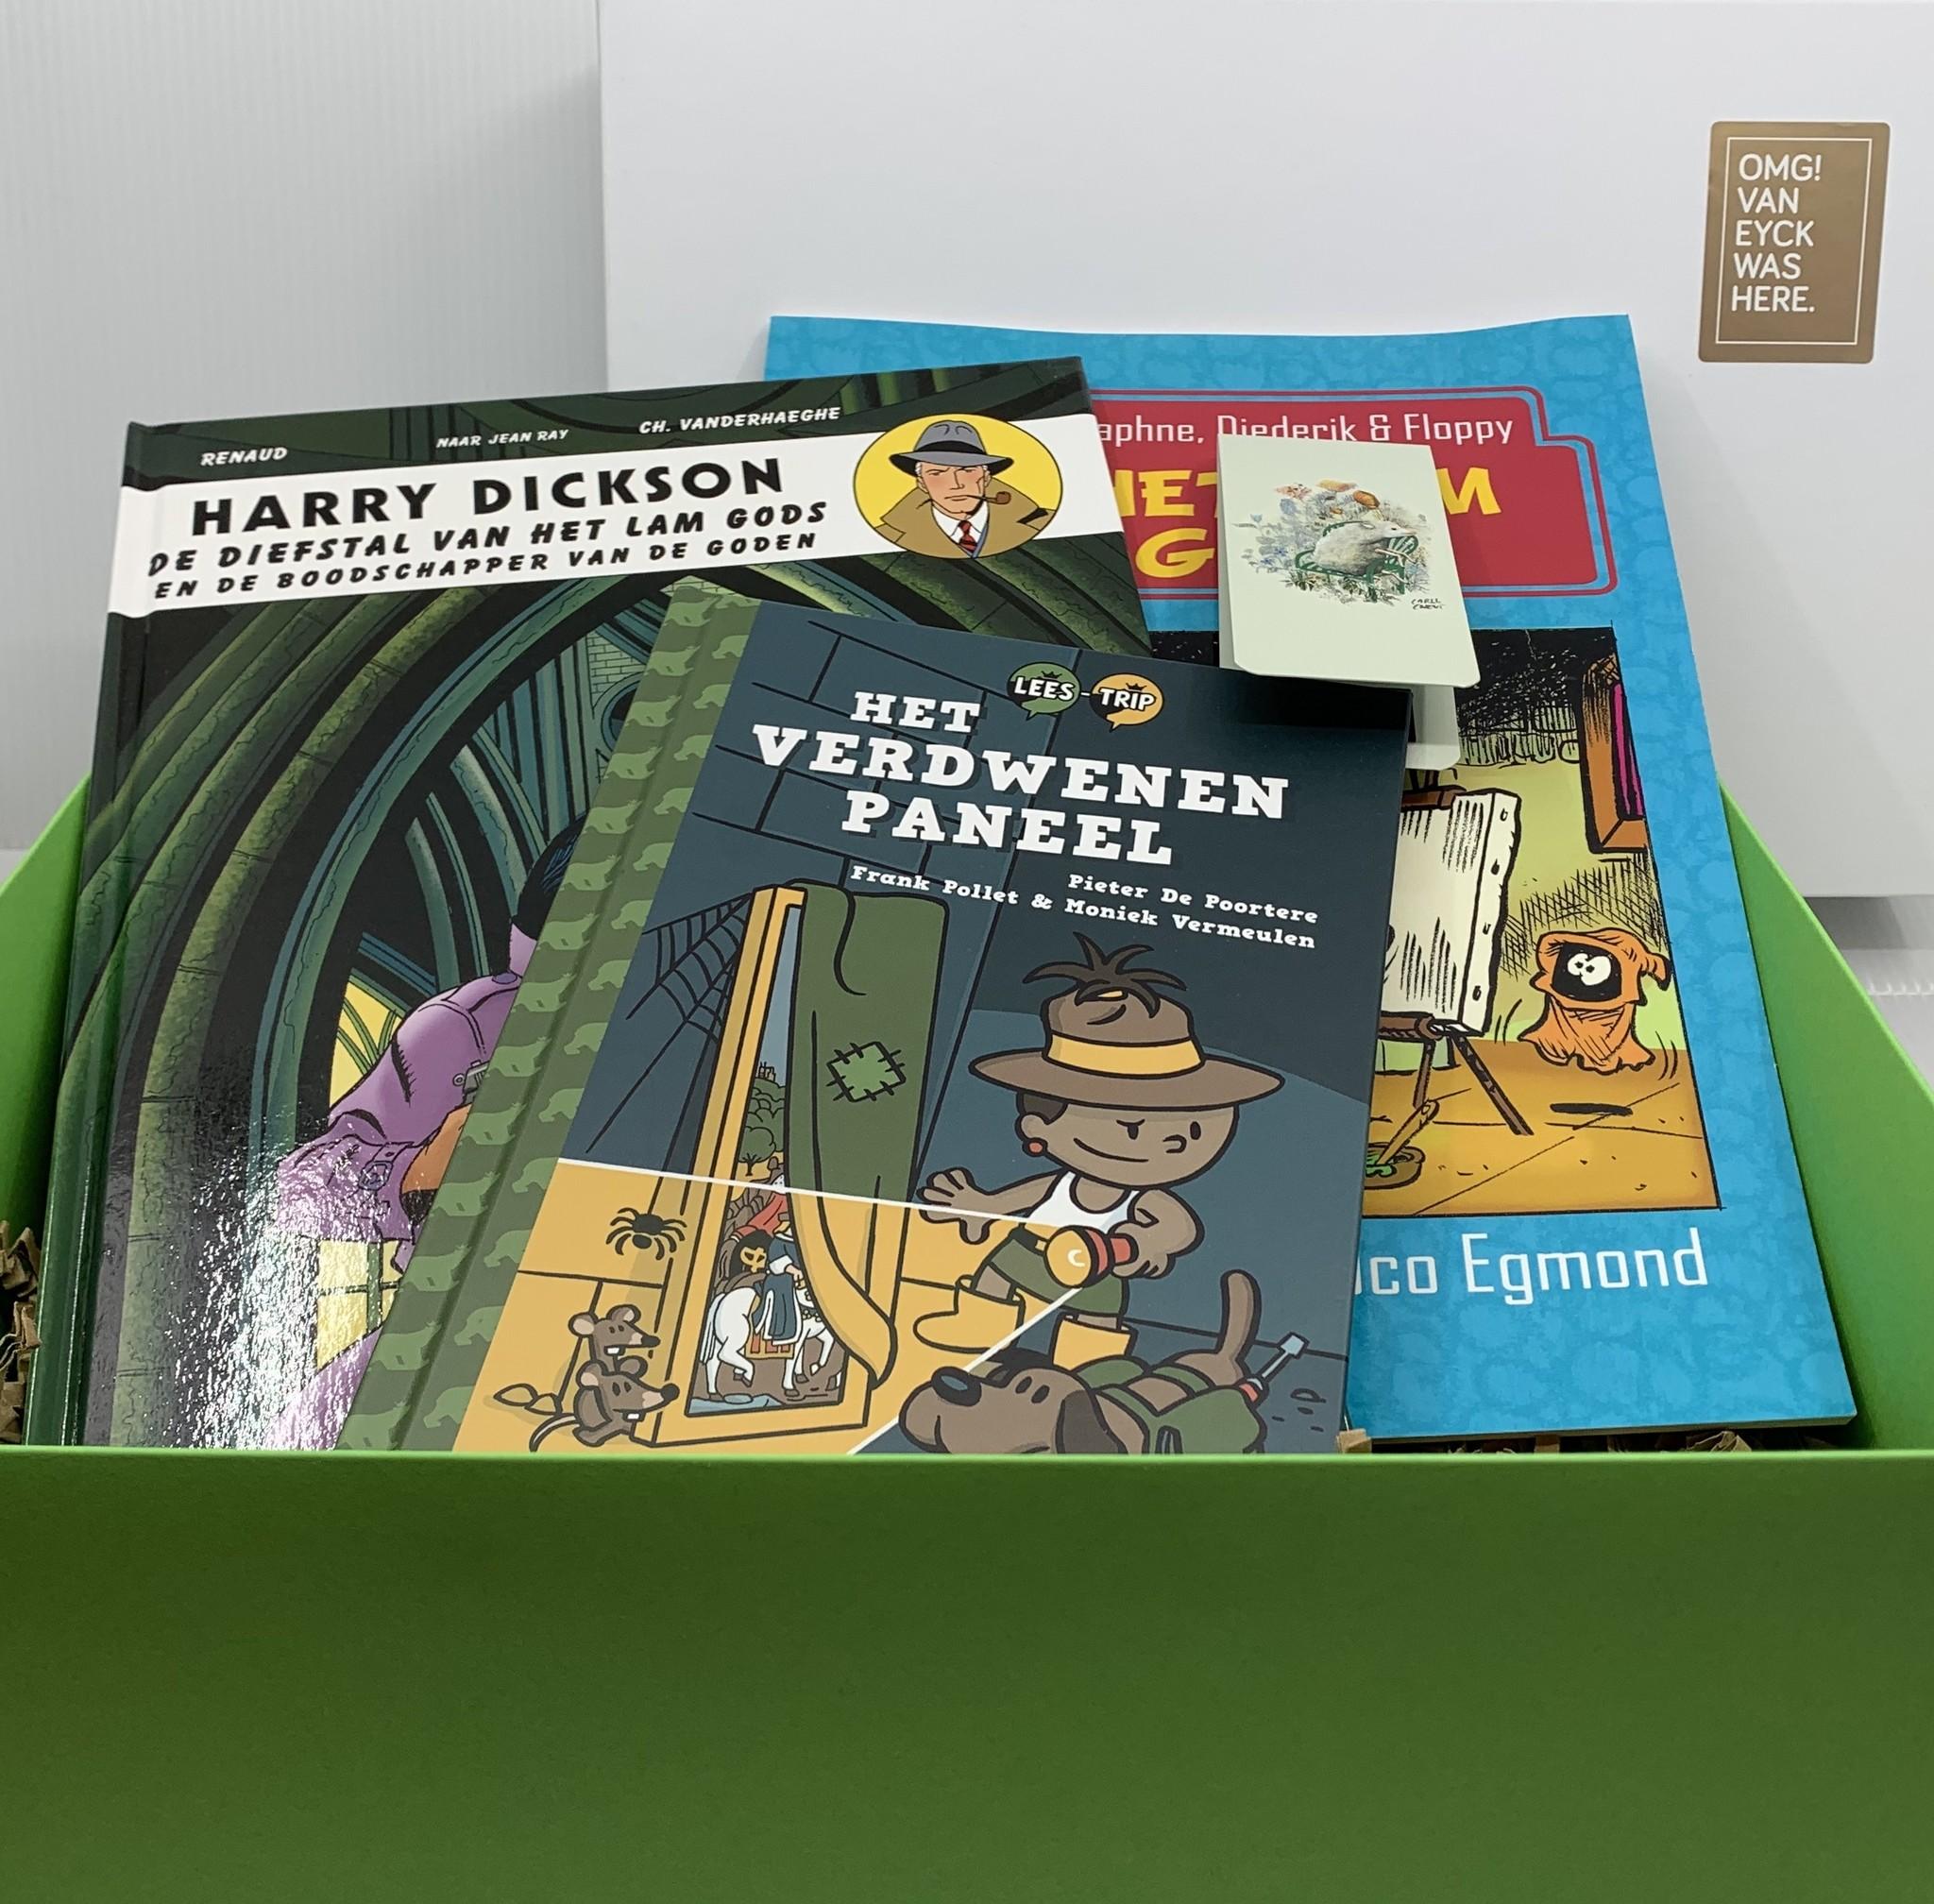 Van Eyck shop Cadeaupakket 'Boekenwurmpje': originele kinderboeken rond Van Eyck